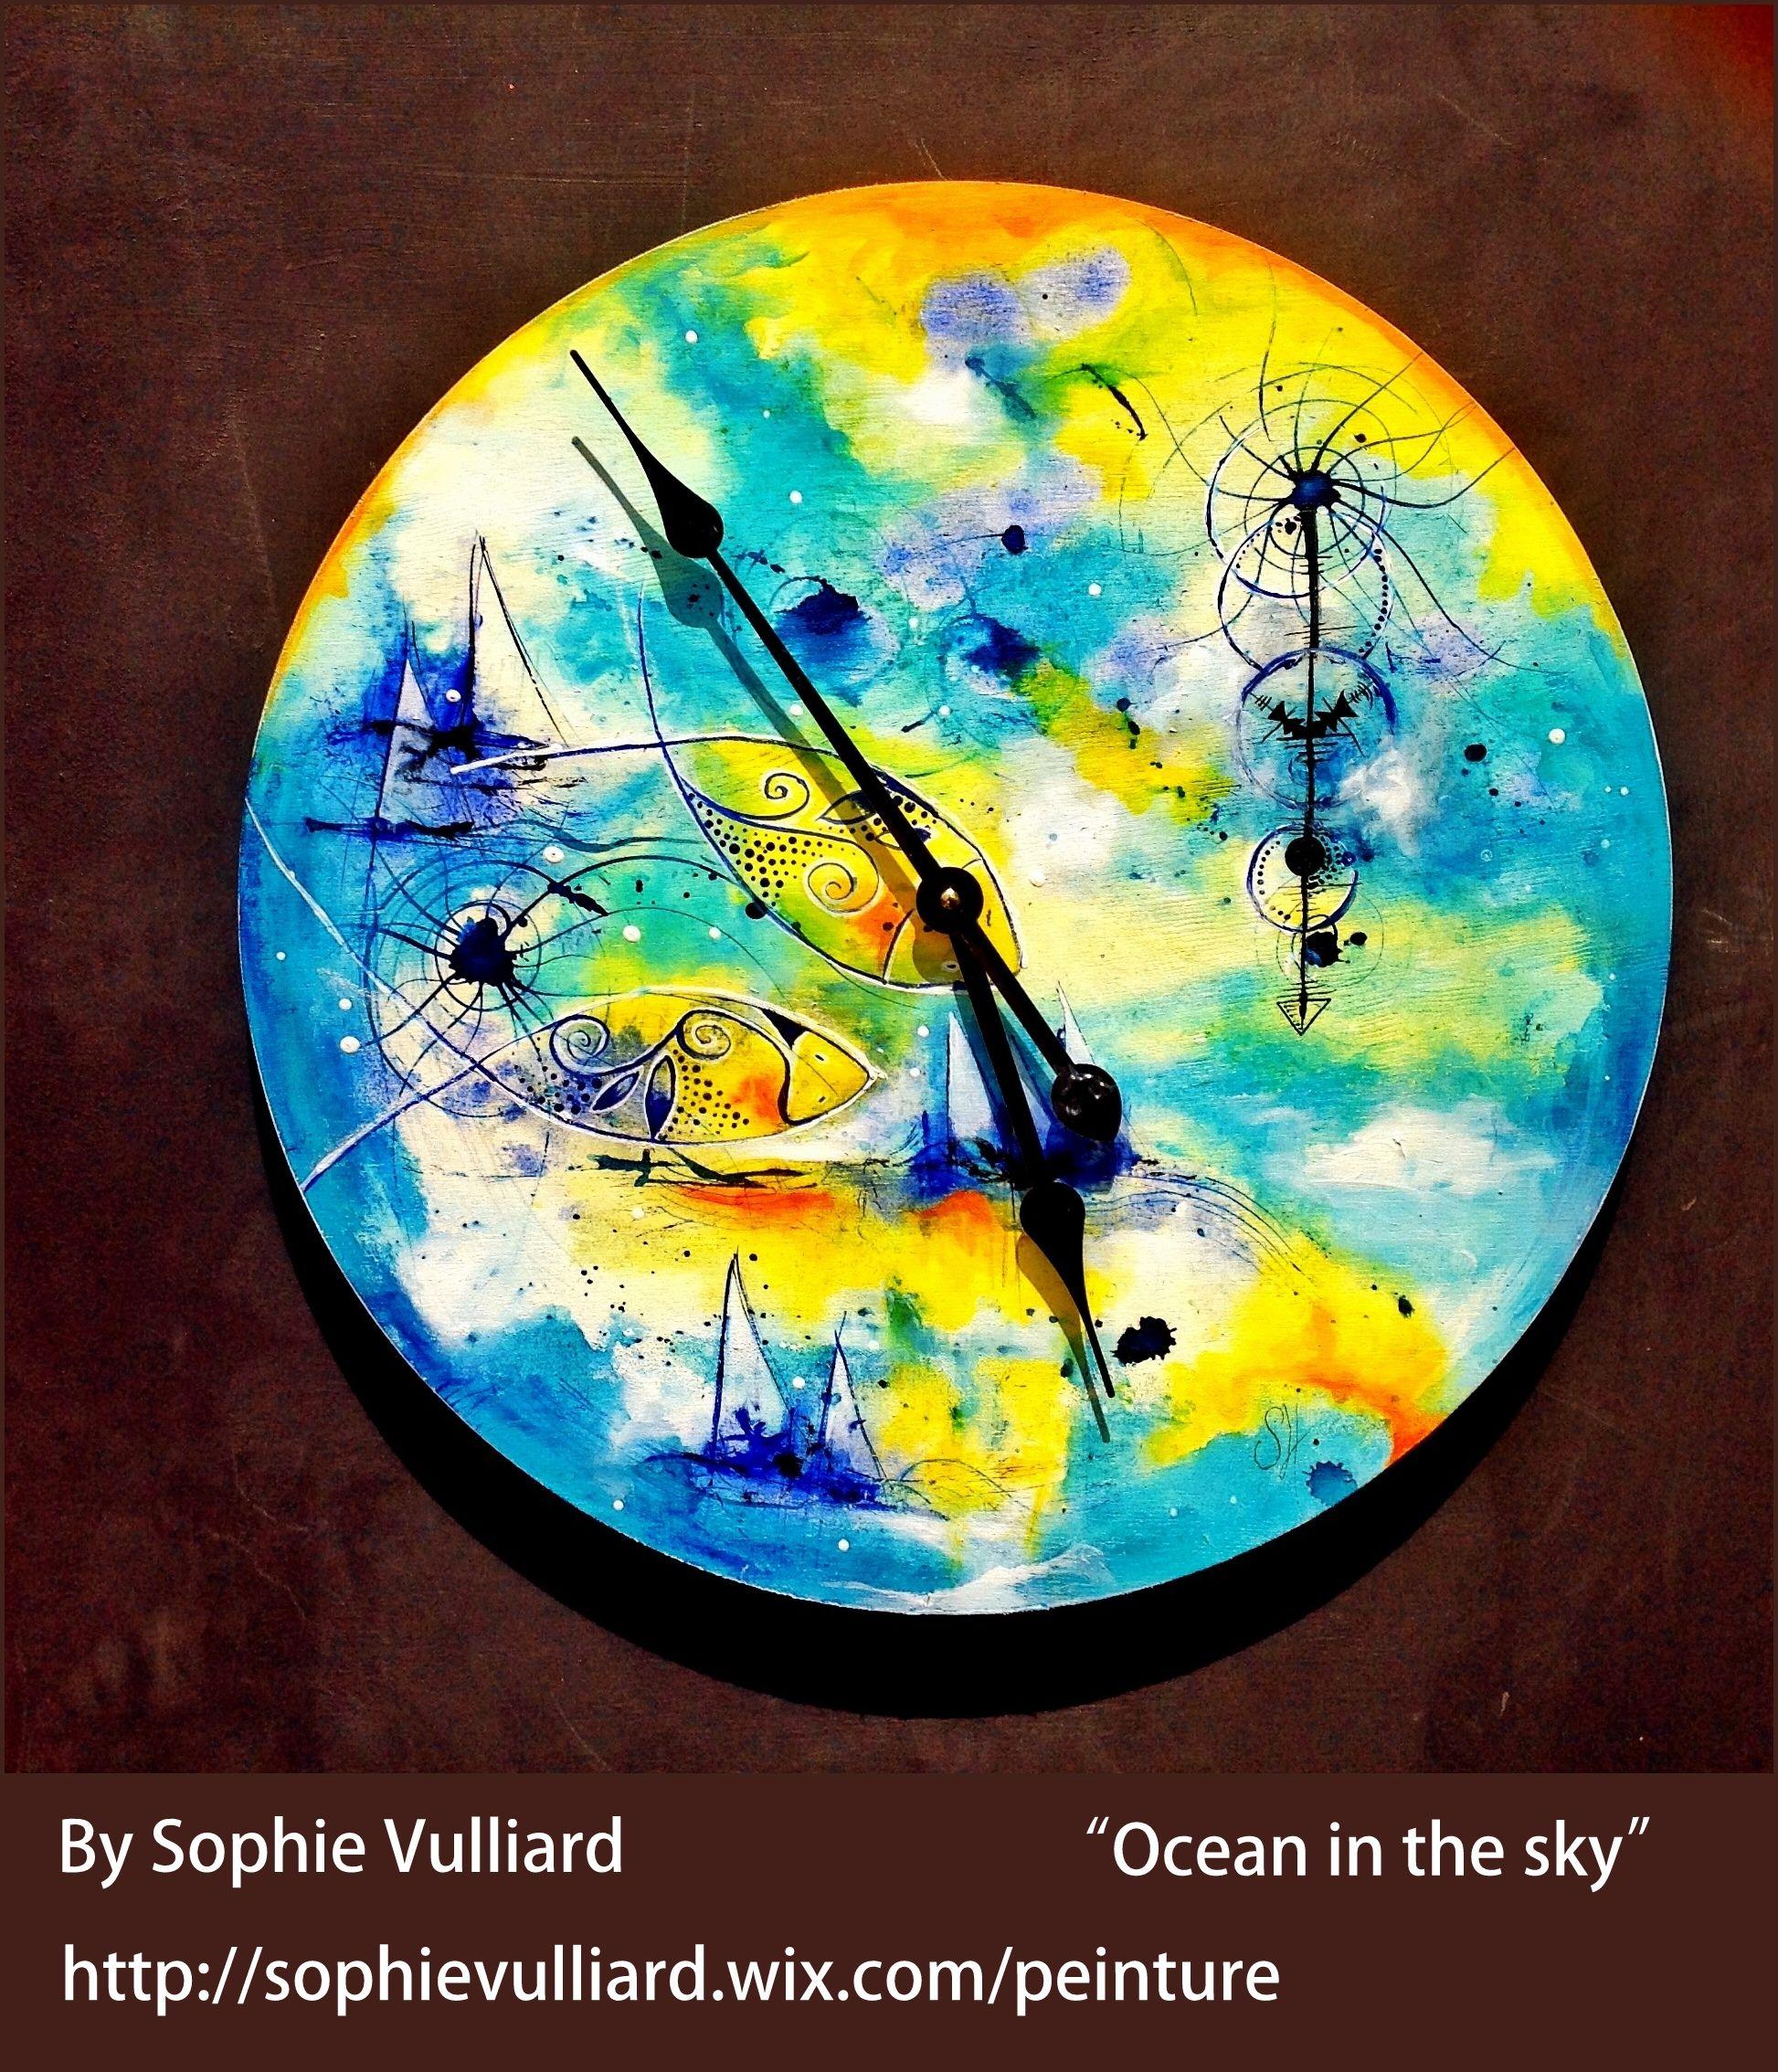 Sophie Vulliard Horloge Peinture Intuitive Peinture Acrylique Sur